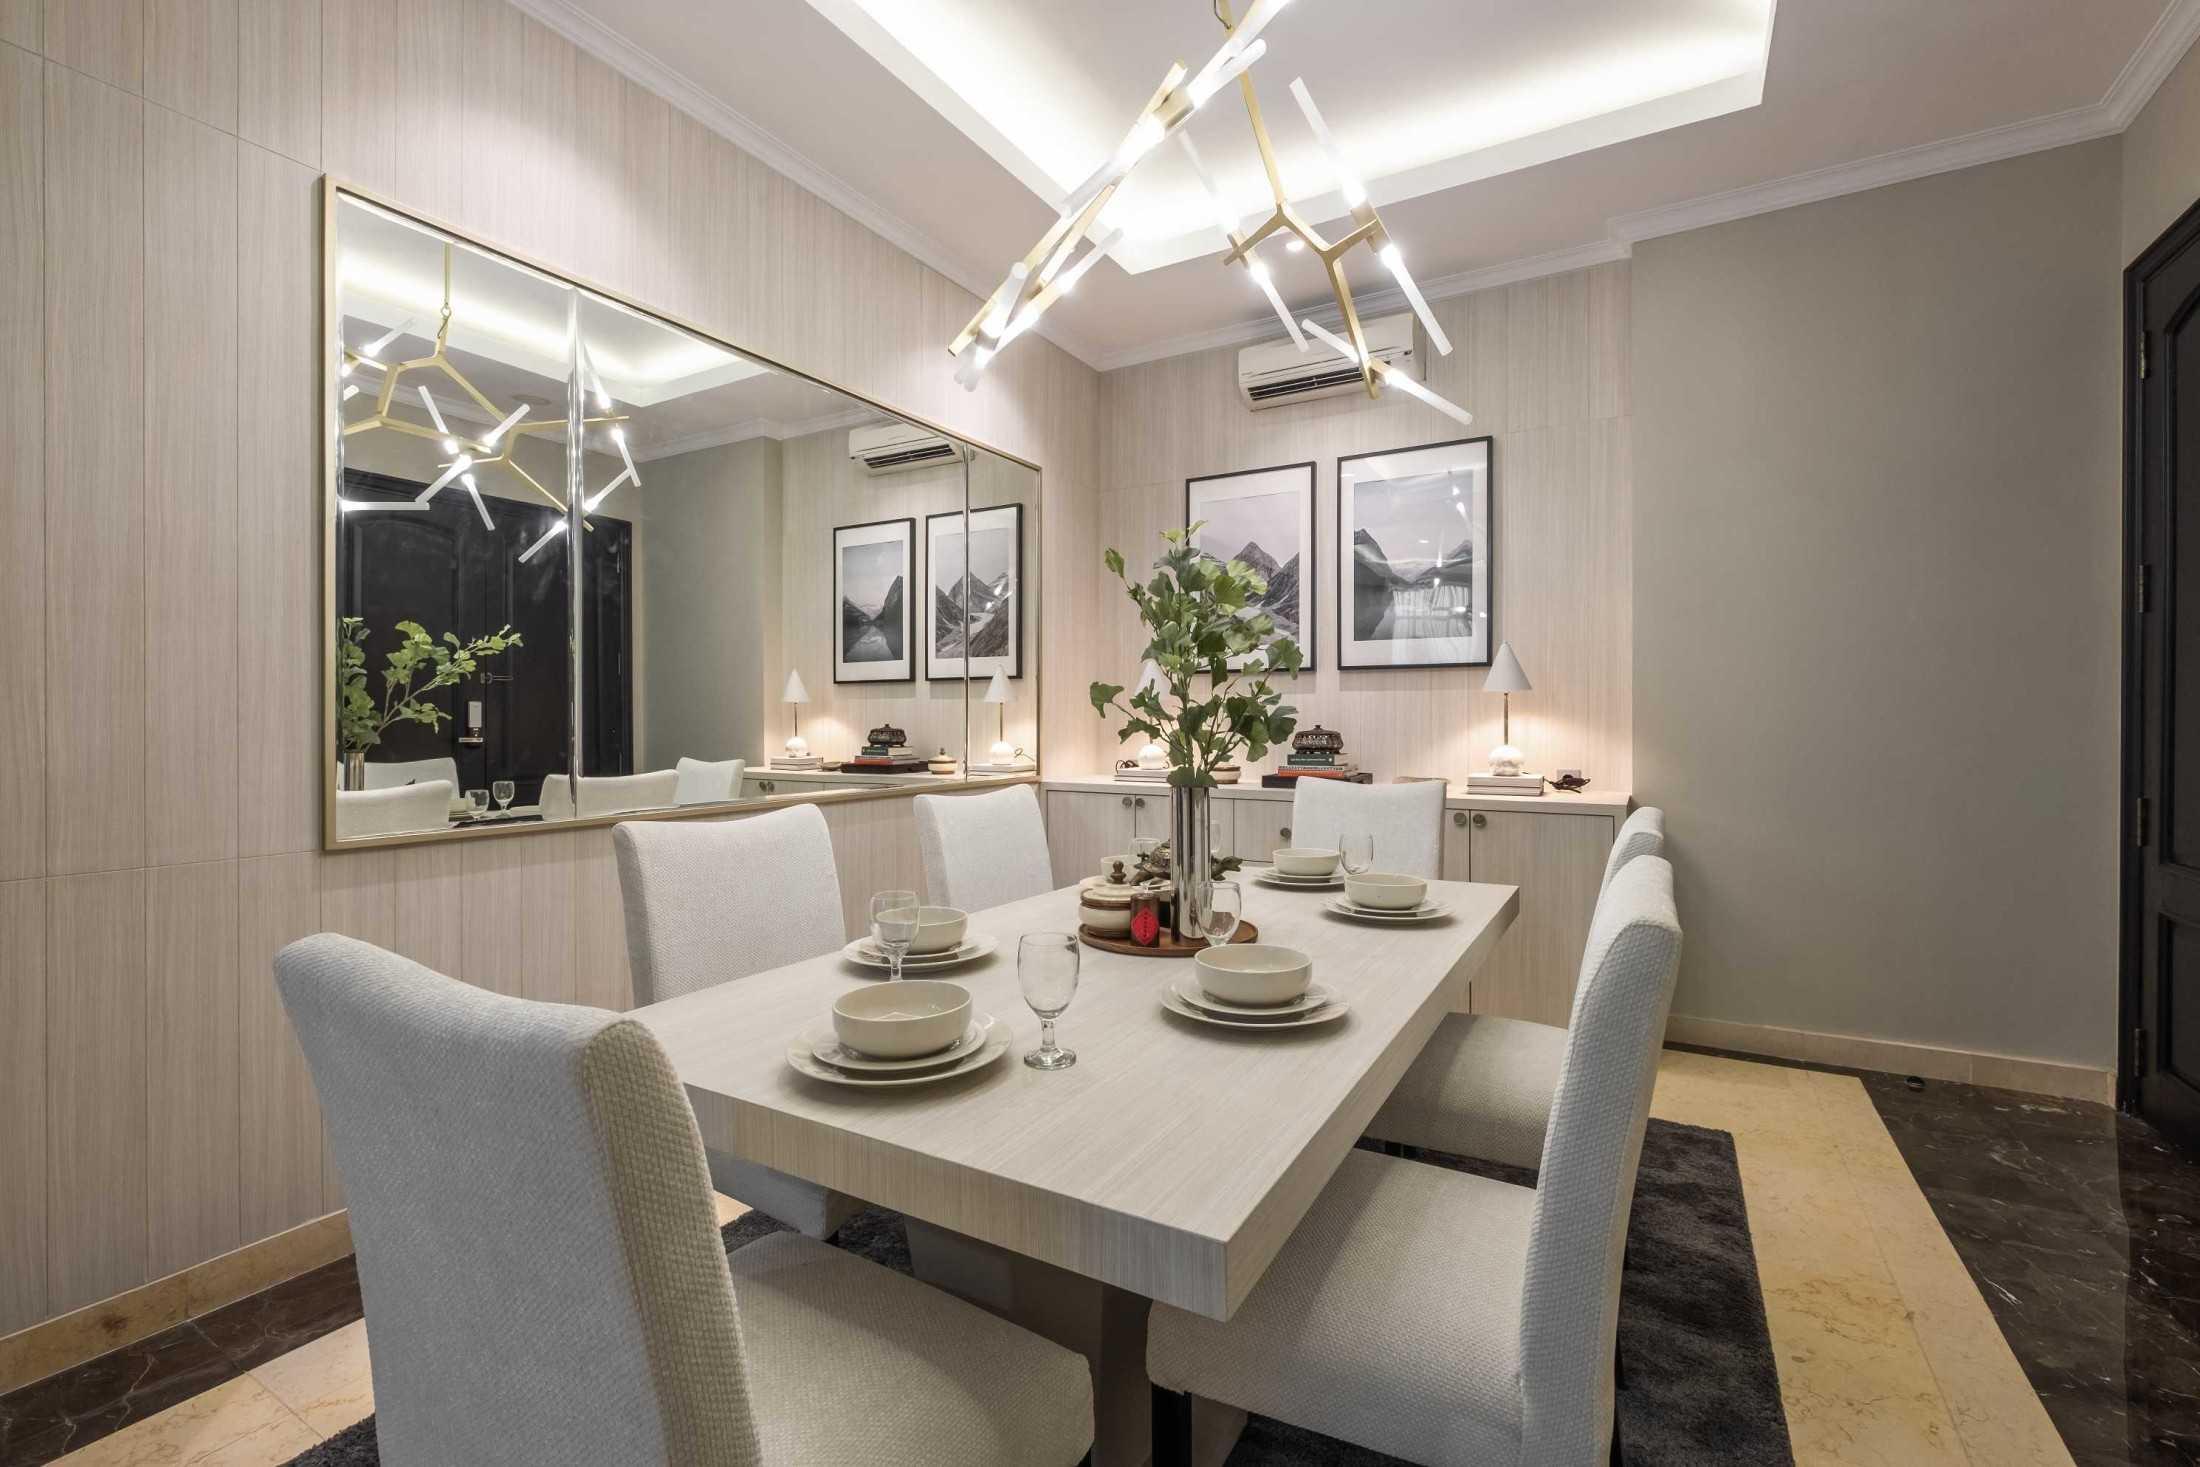 Ruang makan BM Residence karya Makai Design Company (Sumber: arsitag.com)